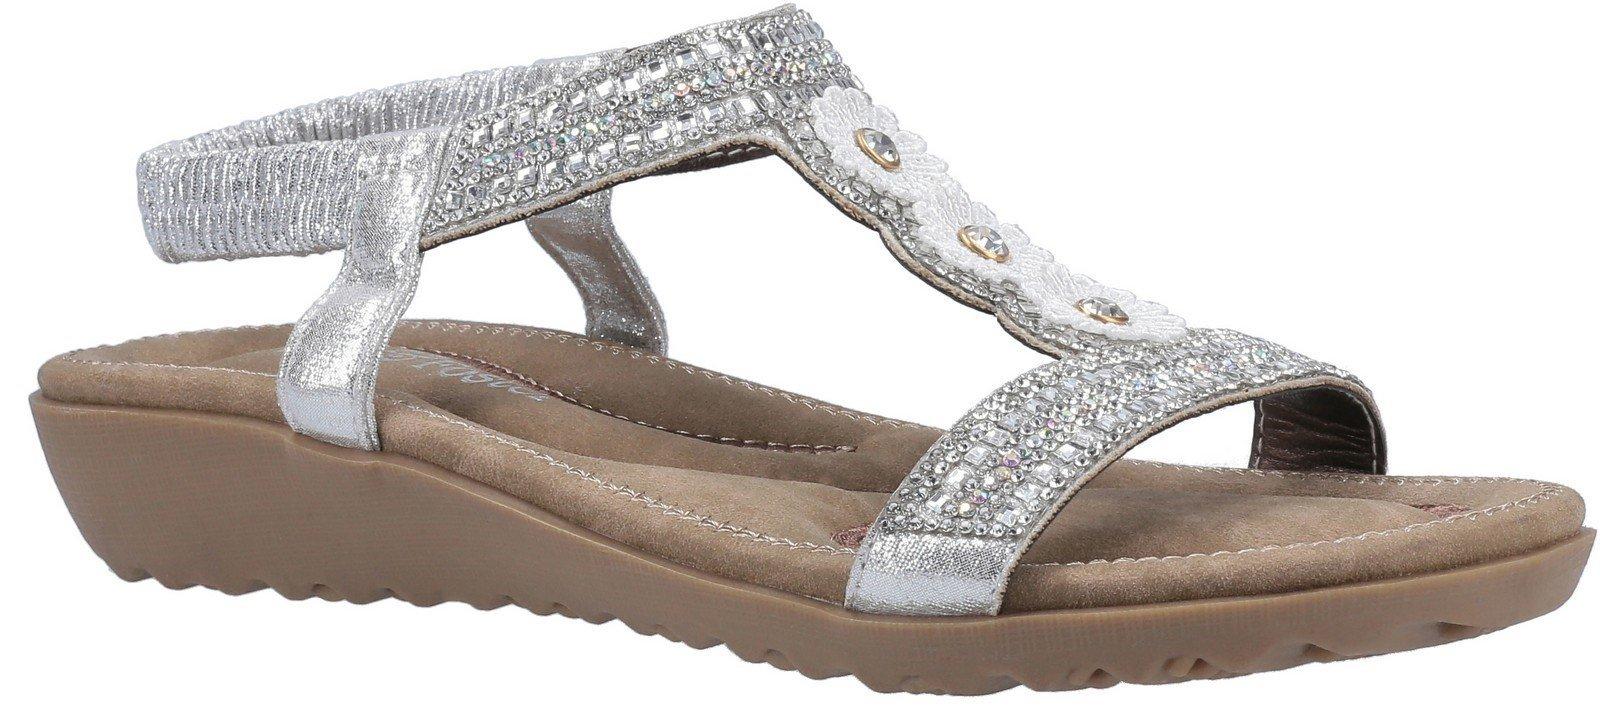 Fleet & Foster Women's Tabitha Slip On Sandal Various Colours 30099 - Silver 3